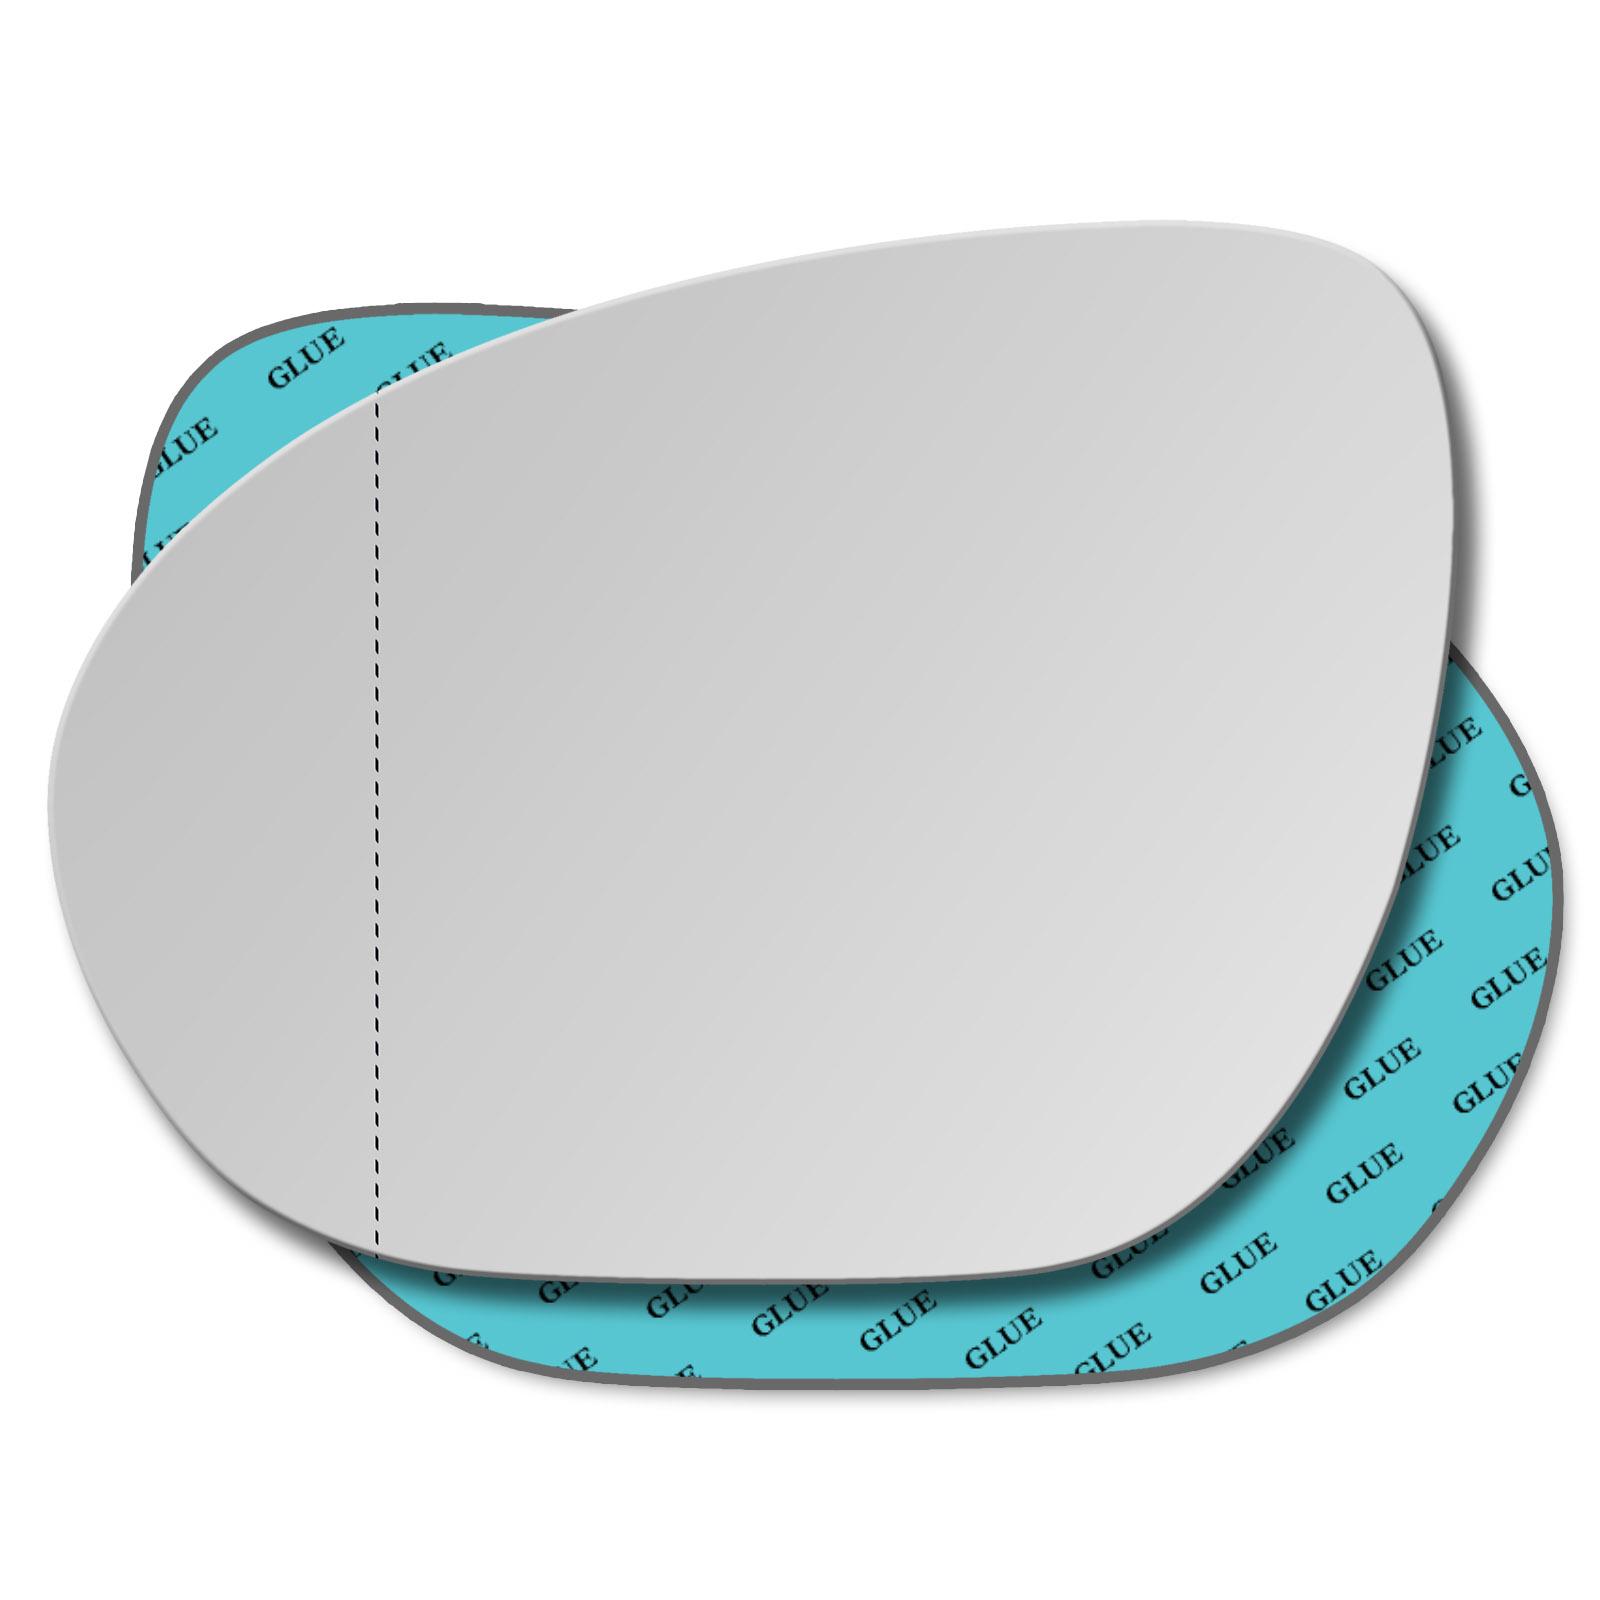 Für Nissan Cube 2010 Seitenspiegel Glas Konvex Rechts Clip